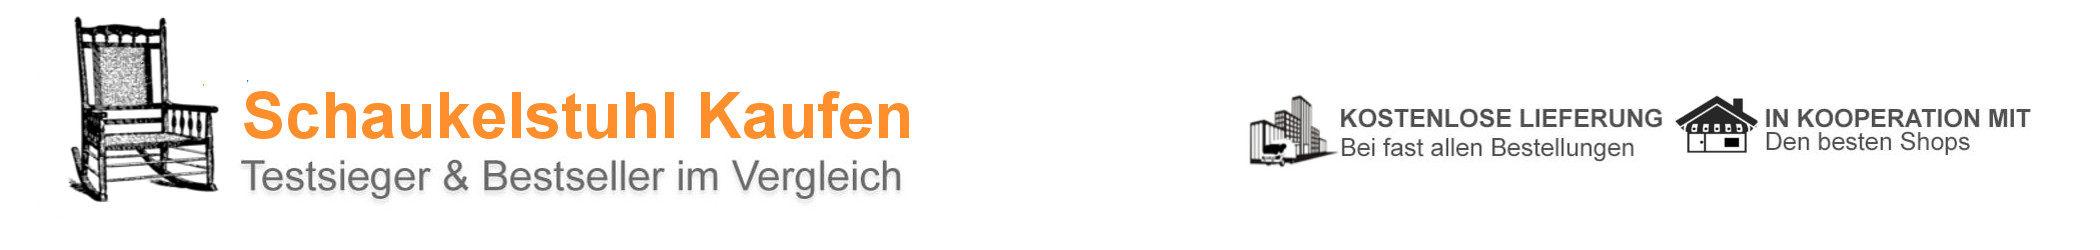 Schaukelstuhl kaufen 2017 outdoor und indoor schwingsessel for Schaukelstuhl luxor